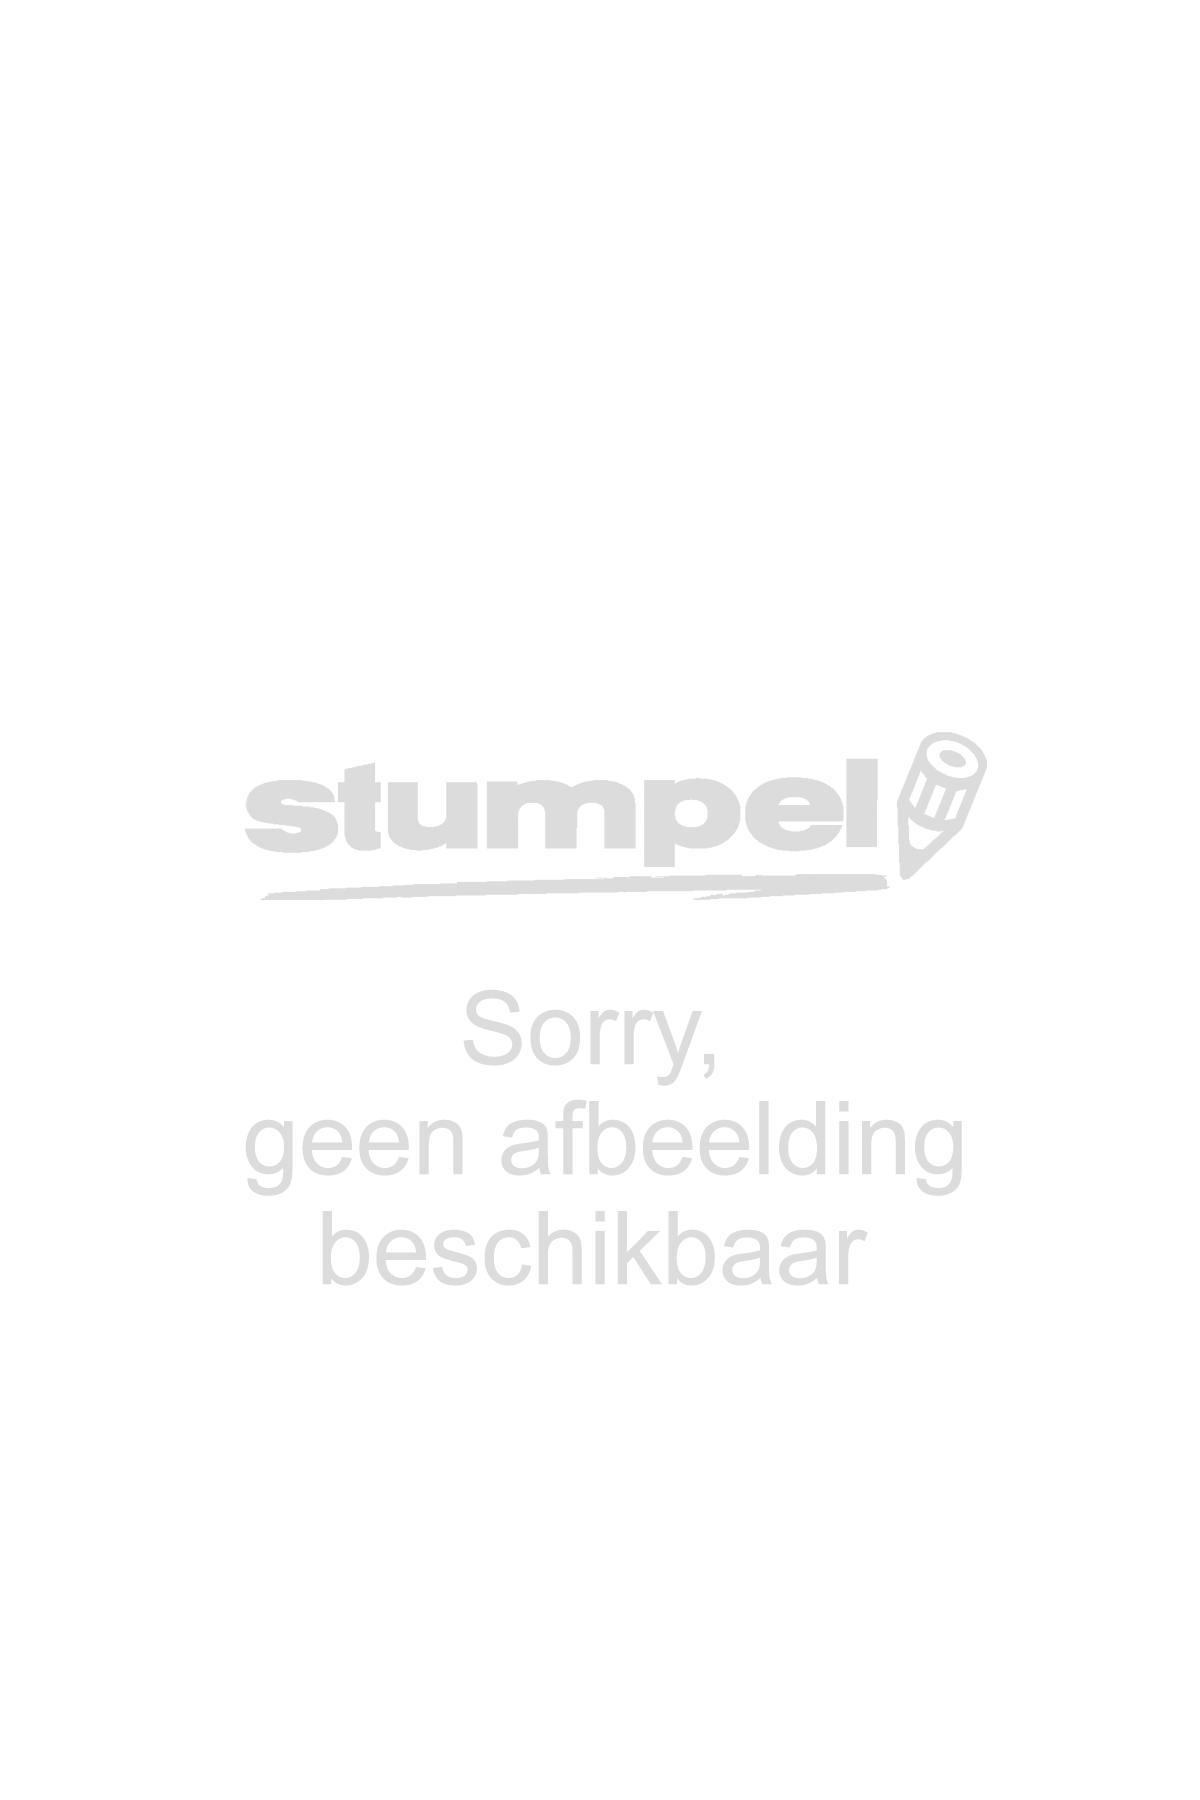 kalligrafiepen-edding-1255-2-0-600607